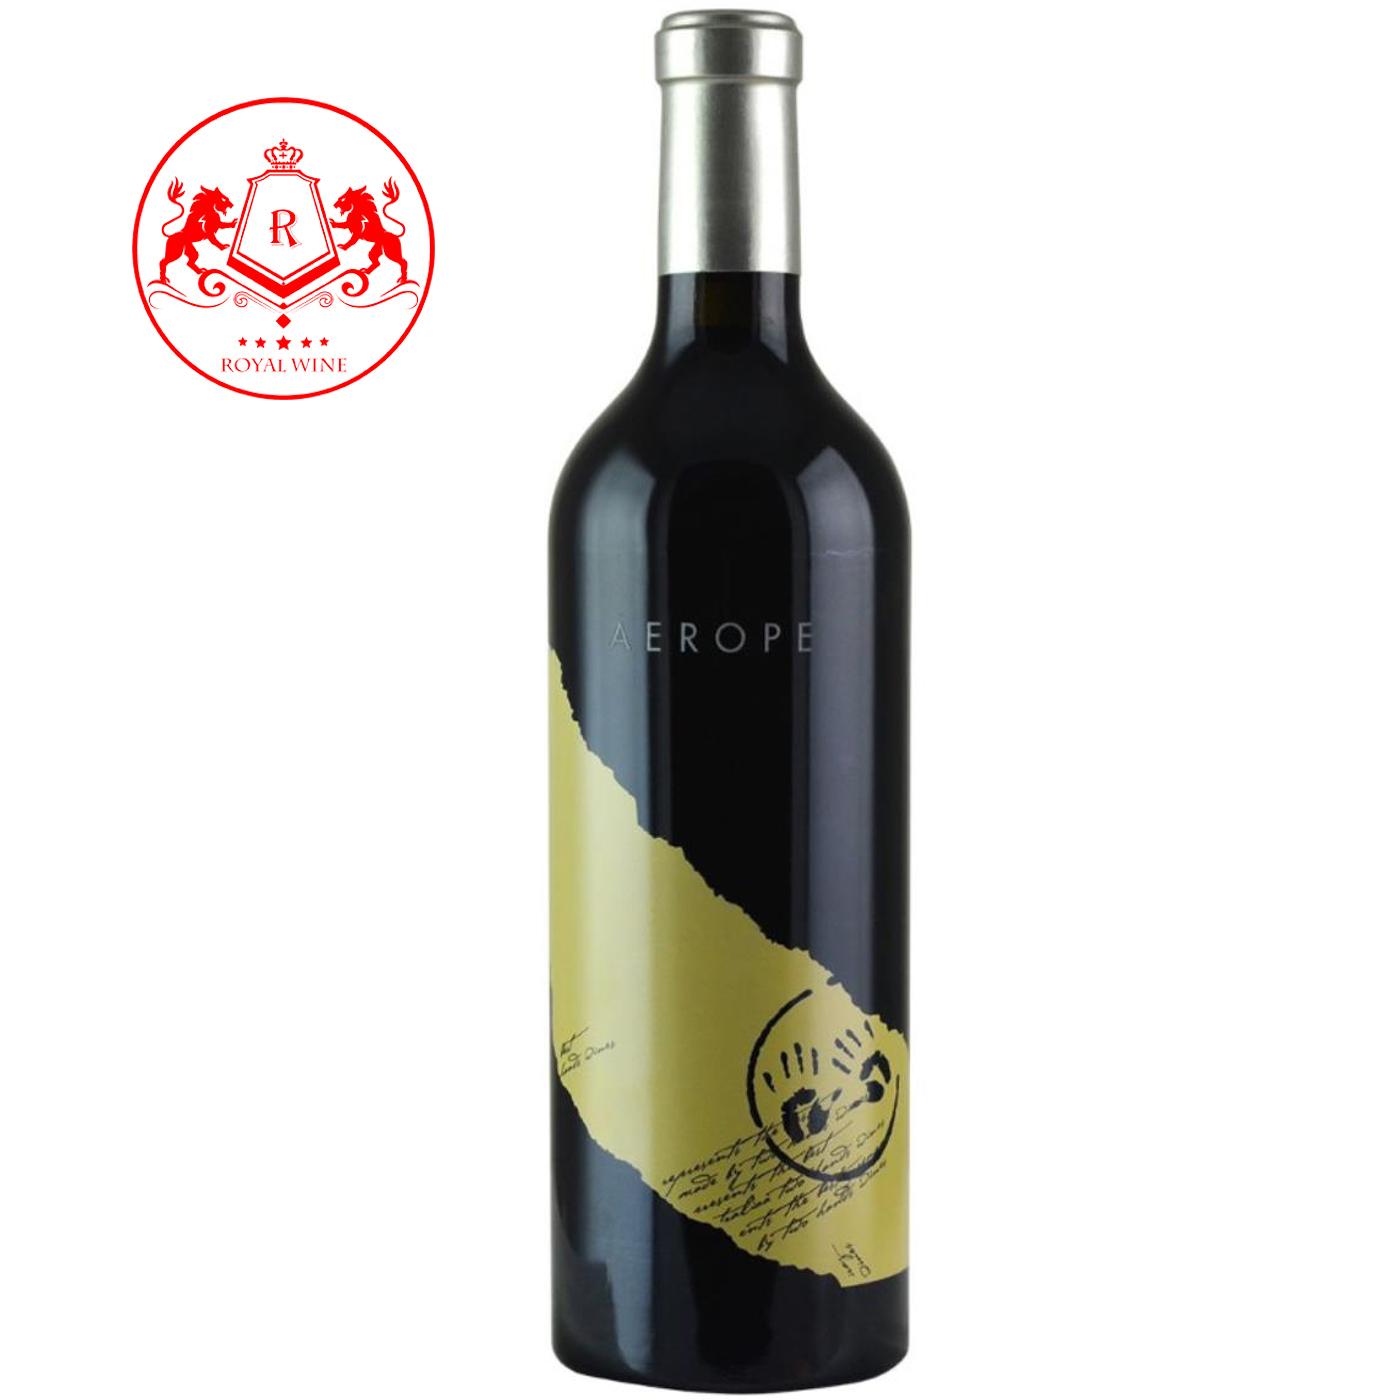 Rượu vang Two Hands AEROPE Grenache